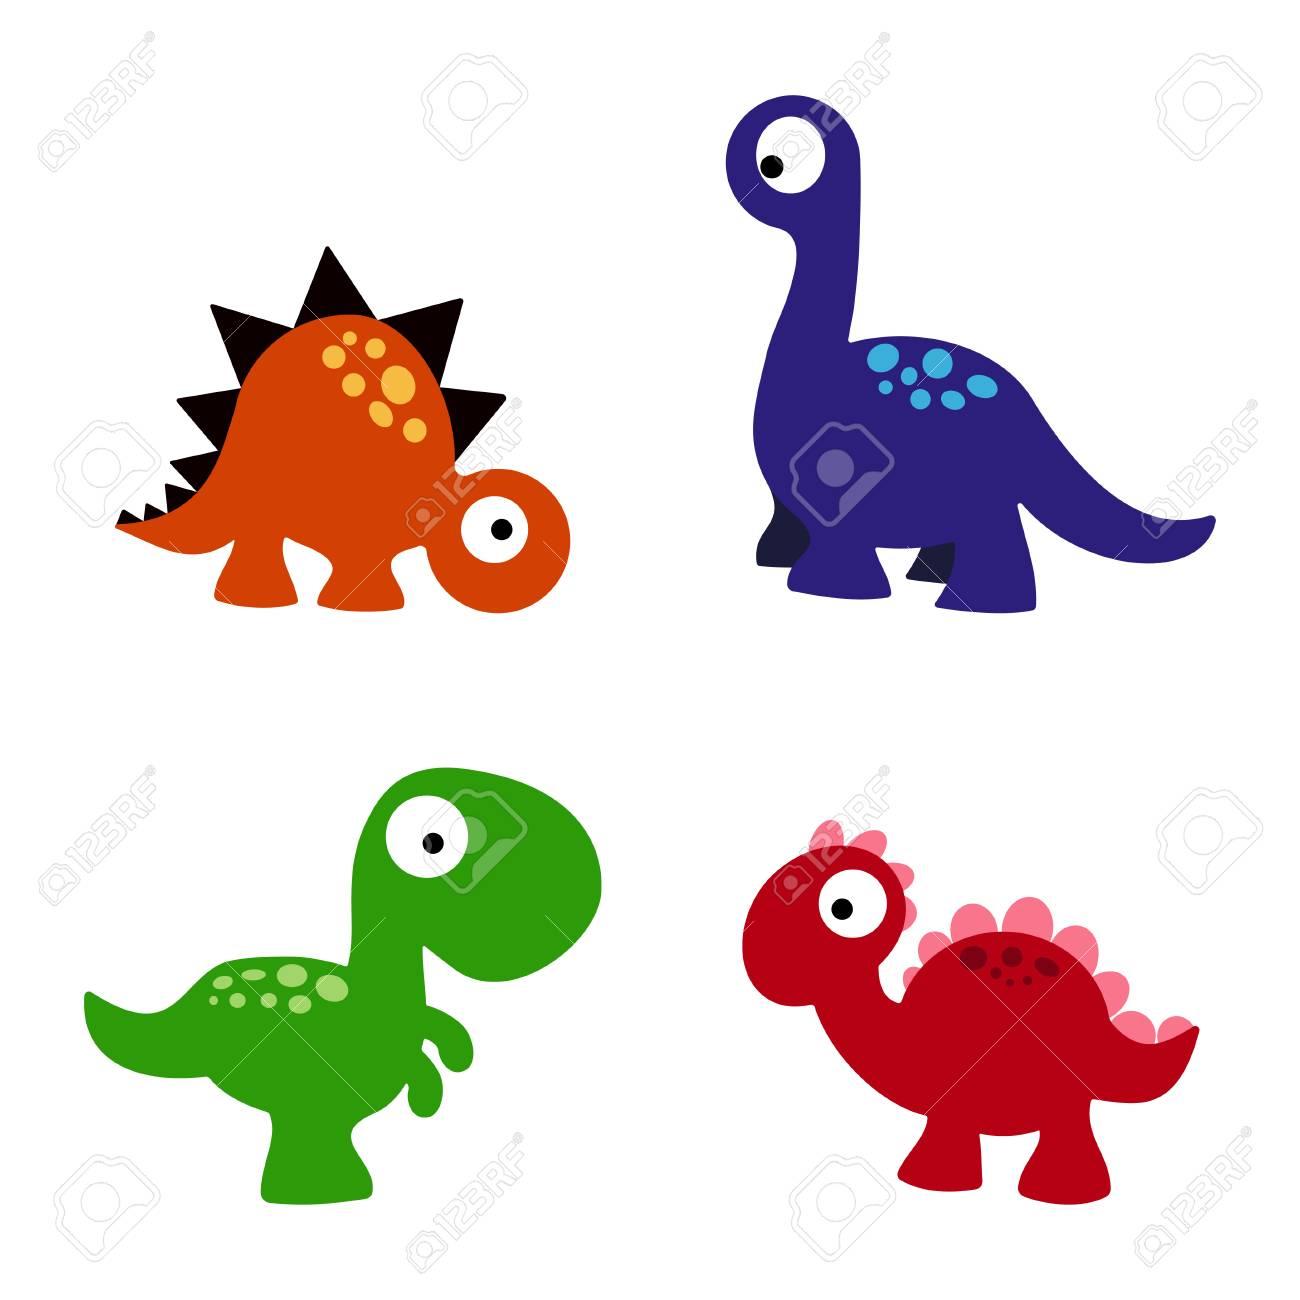 Conjunto De Dinosaurios Coloridos Coleccion De Dinosaurios Divertidos Dibujos Animados Ilustraciones Vectoriales Clip Art Vectorizado Libre De Derechos Image 87713467 17 likes · 1 talking about this. conjunto de dinosaurios coloridos coleccion de dinosaurios divertidos dibujos animados